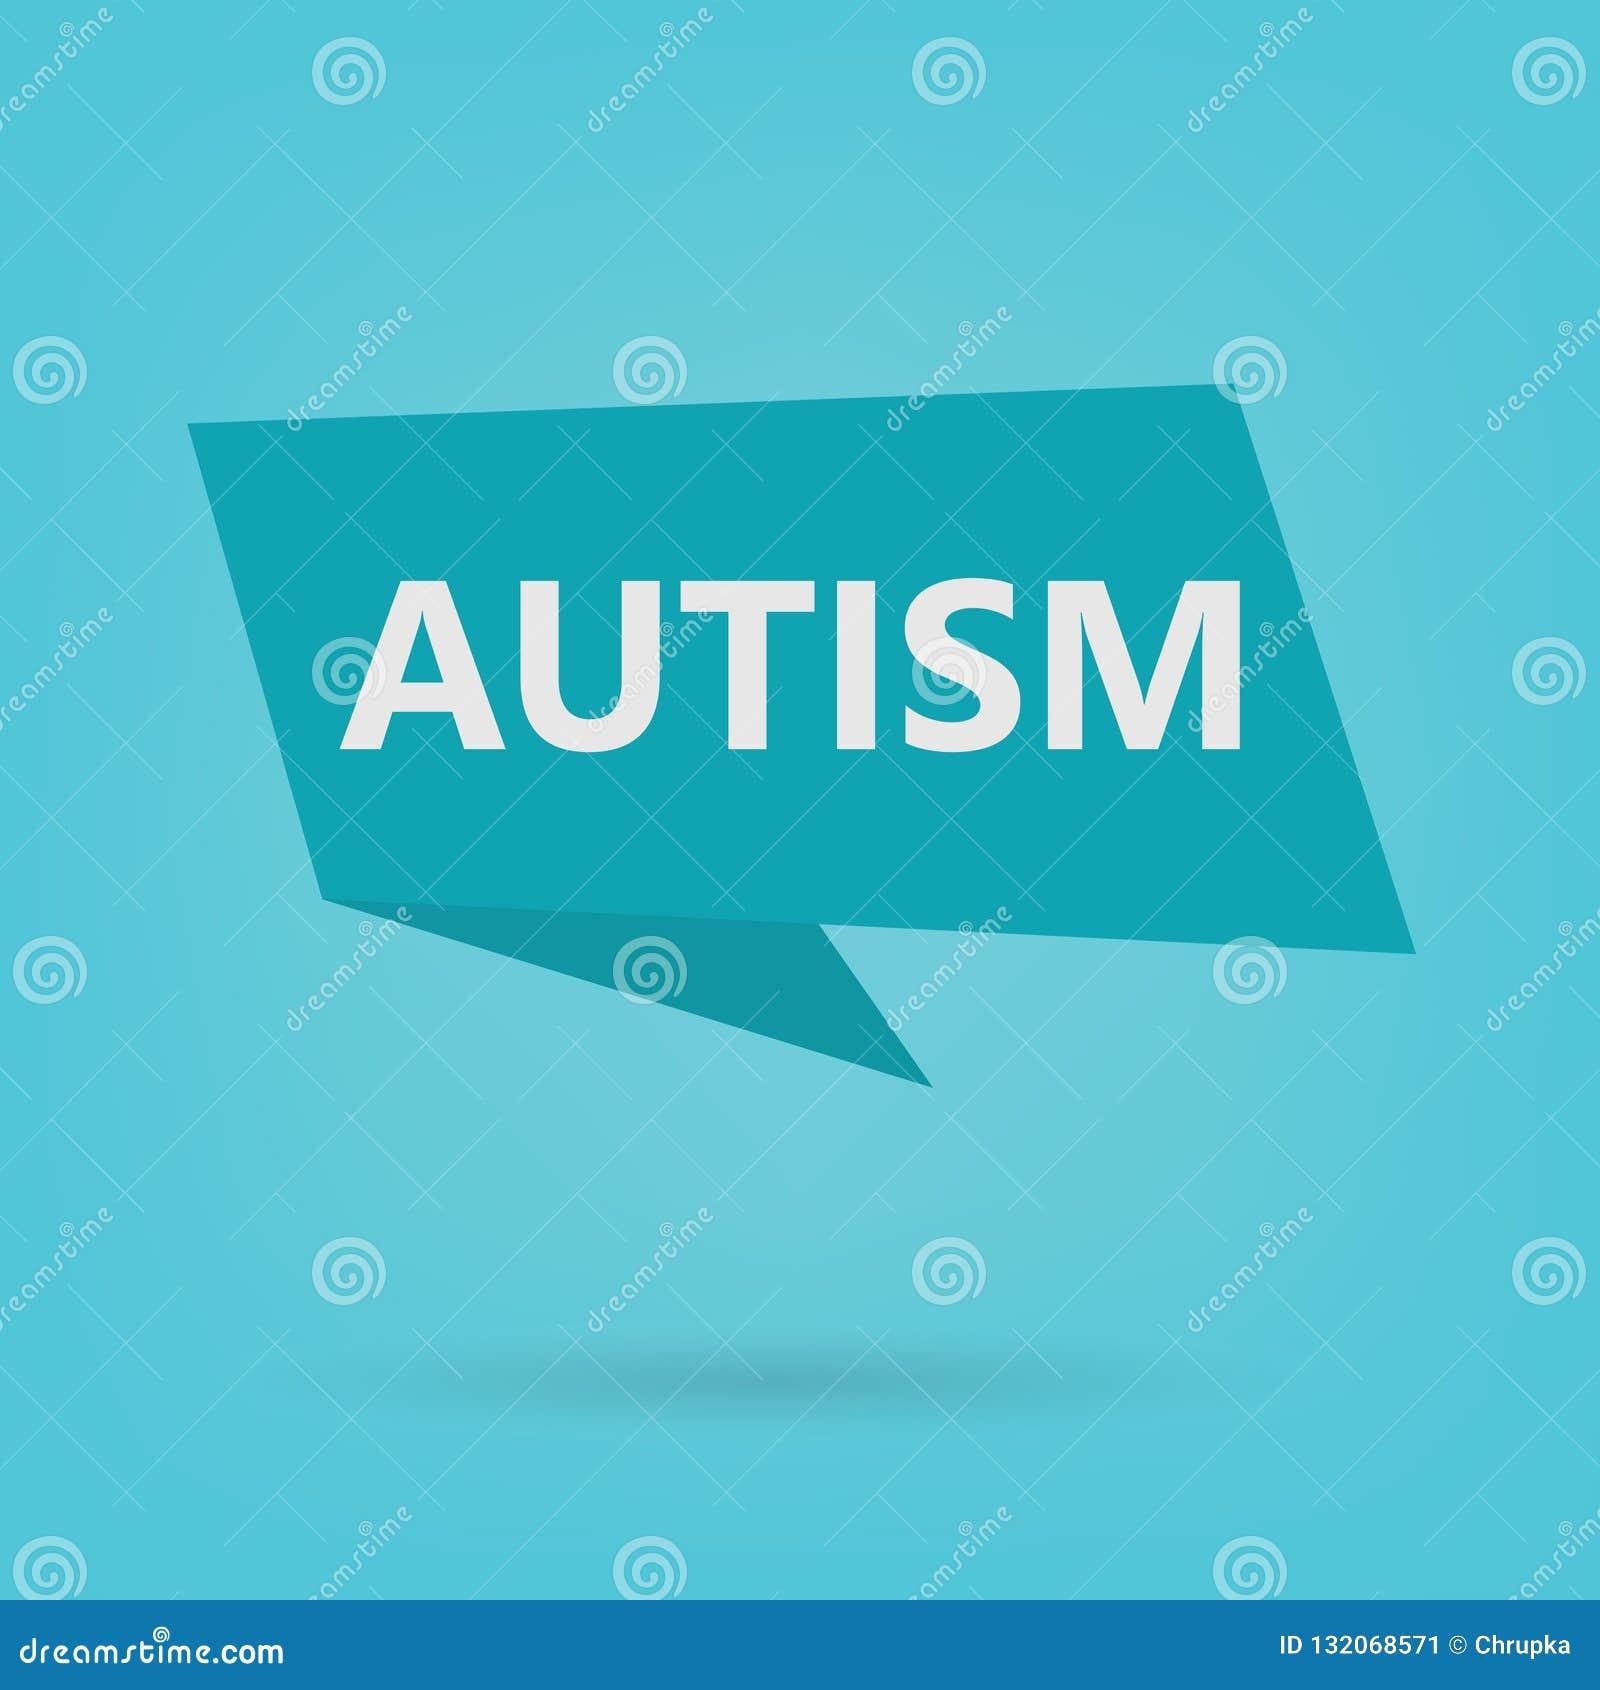 Autismewoord op een sticker